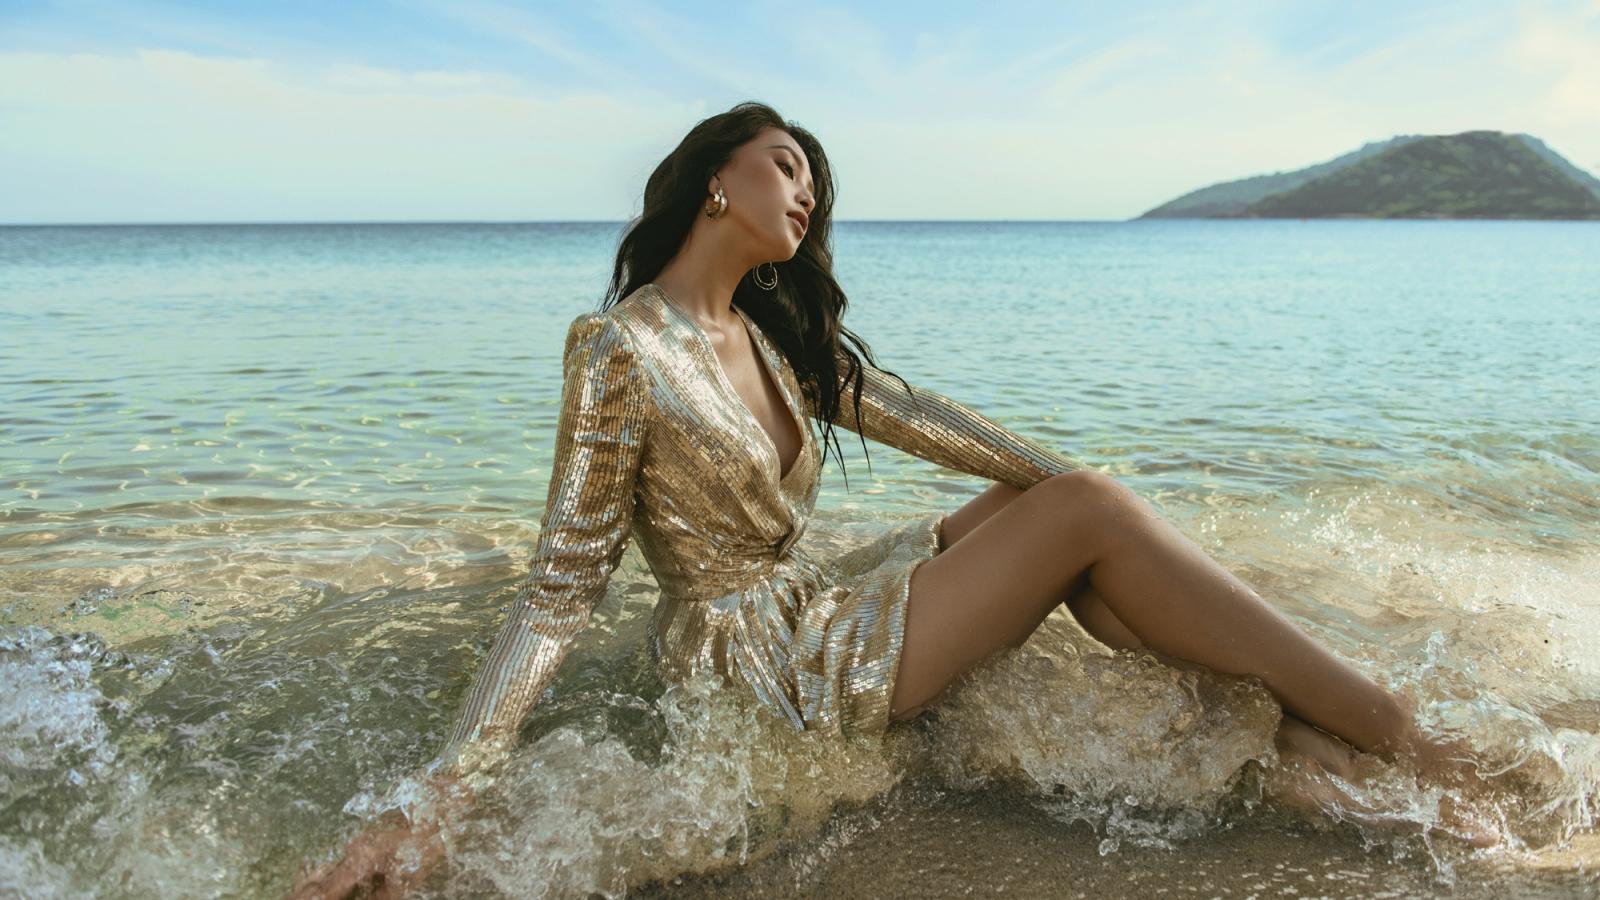 Hoa hậu Tiểu Vy kiêu sa, lộng lẫy giữa bãi biển Đà Nẵng xanh ngắt